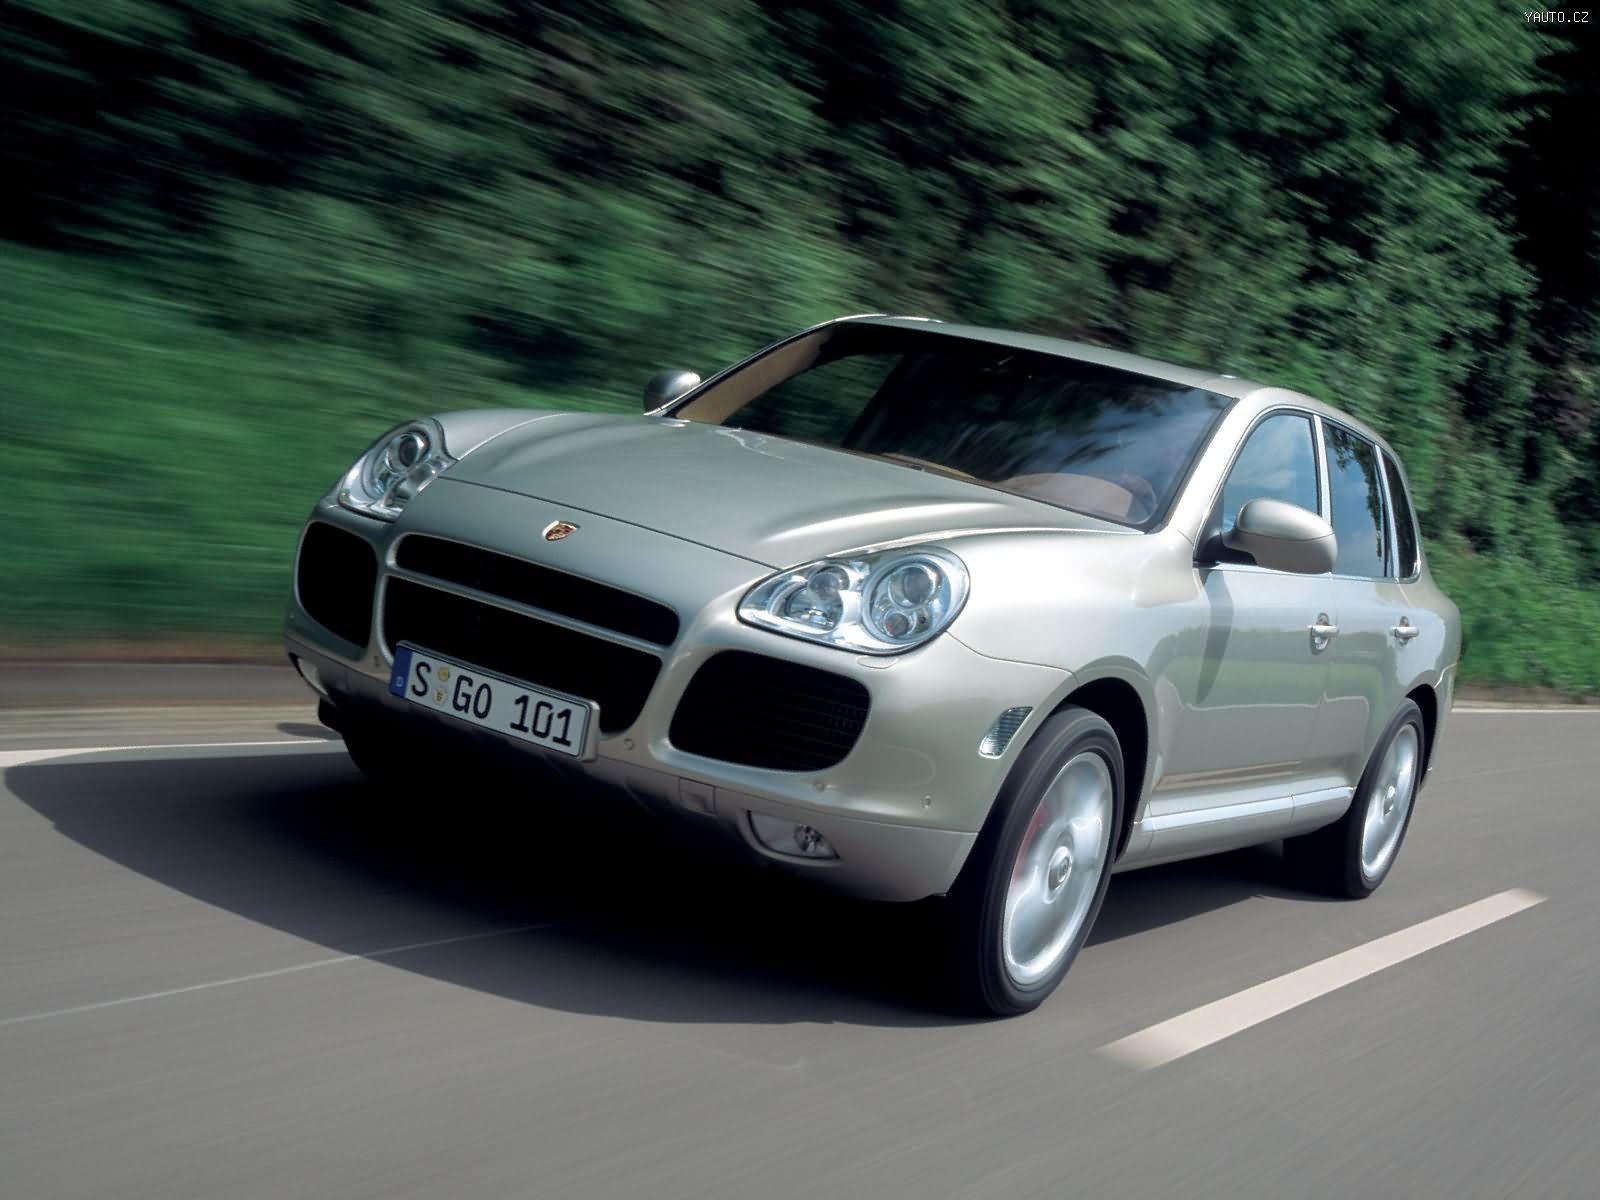 Porsche Cayenne 2003 Auta Na Plochu Tapety Na Plochu